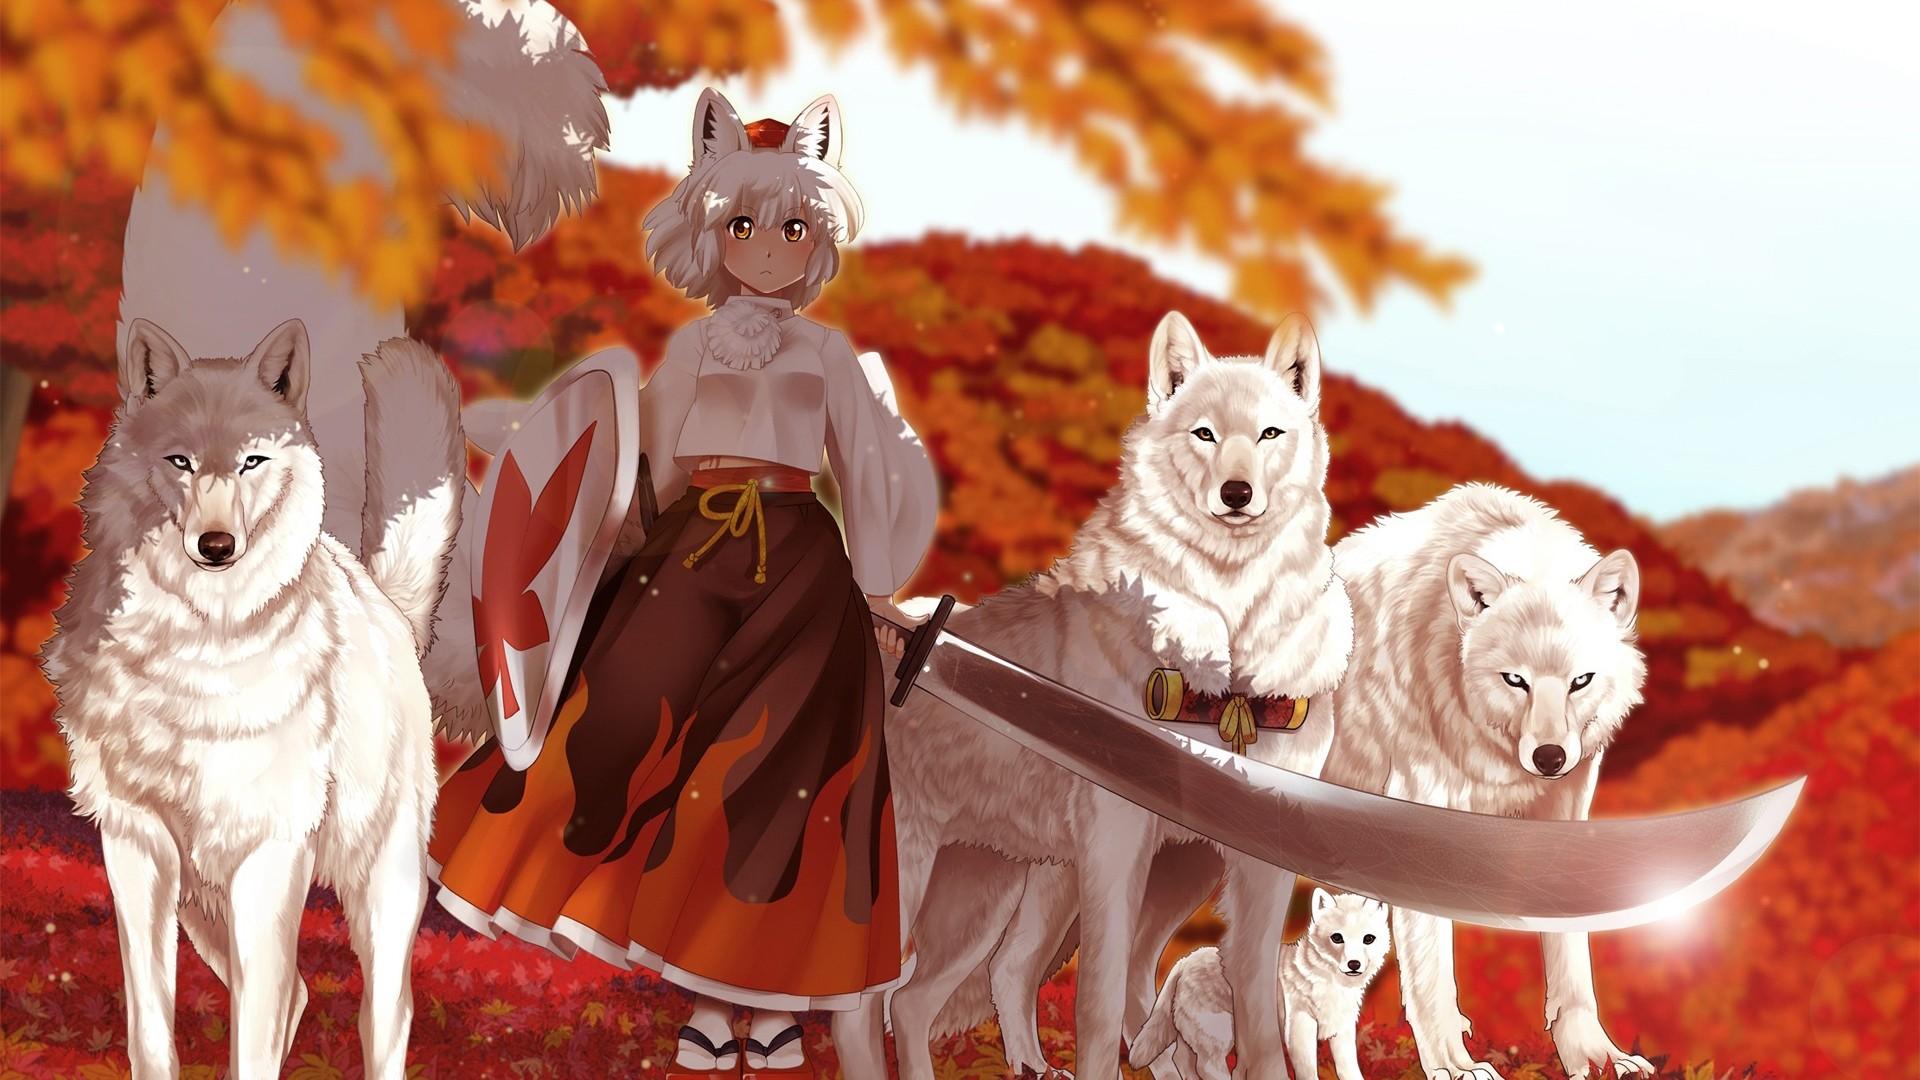 Wallpaper anime, girl, kimono, sword, wolf, autumn